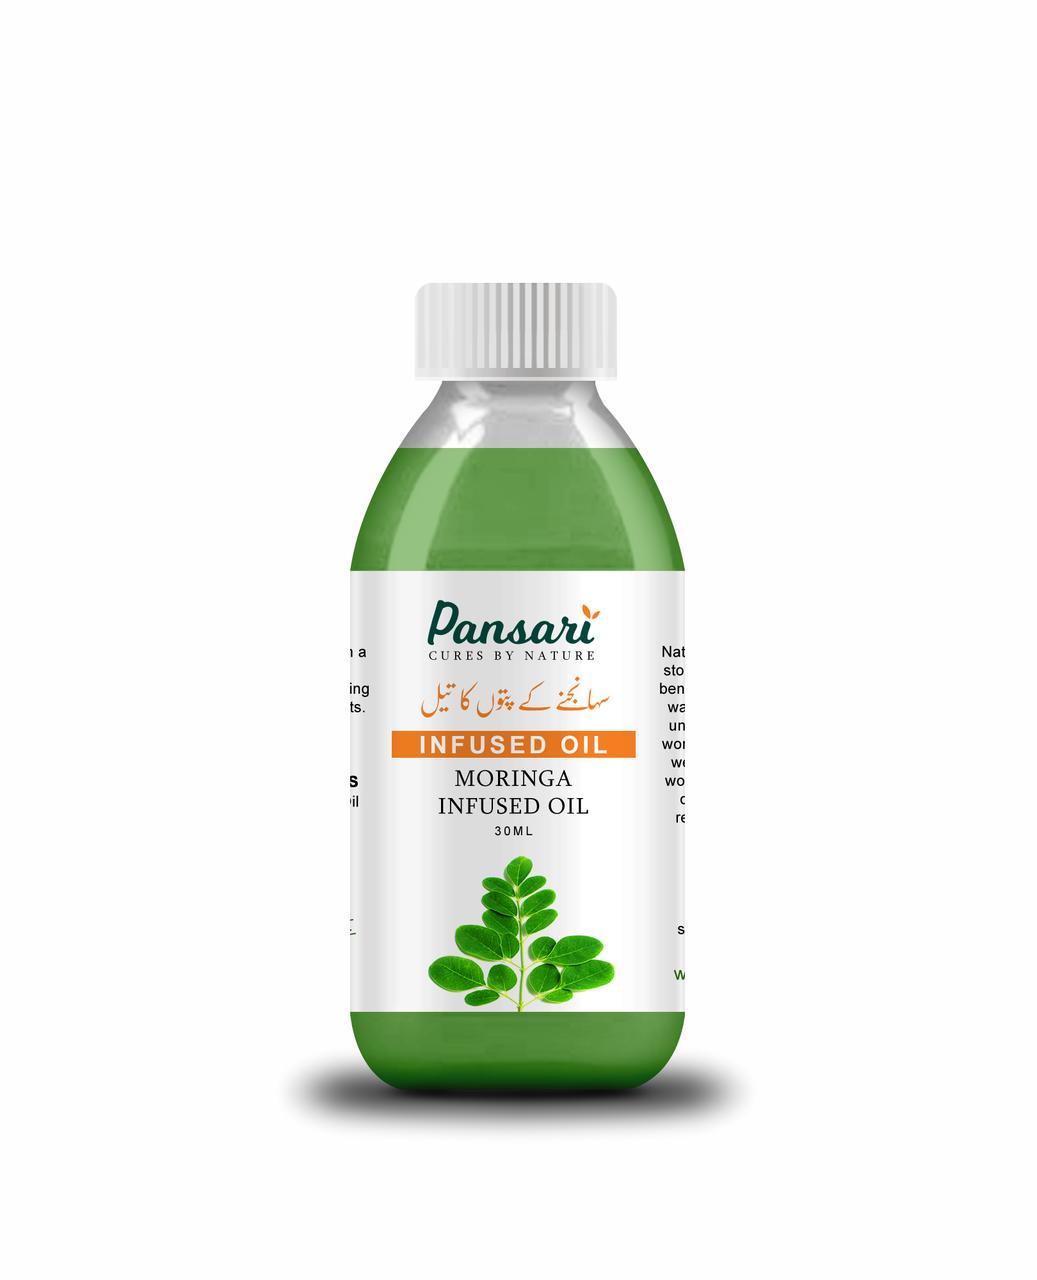 Pansari's Moringa Infused Oil